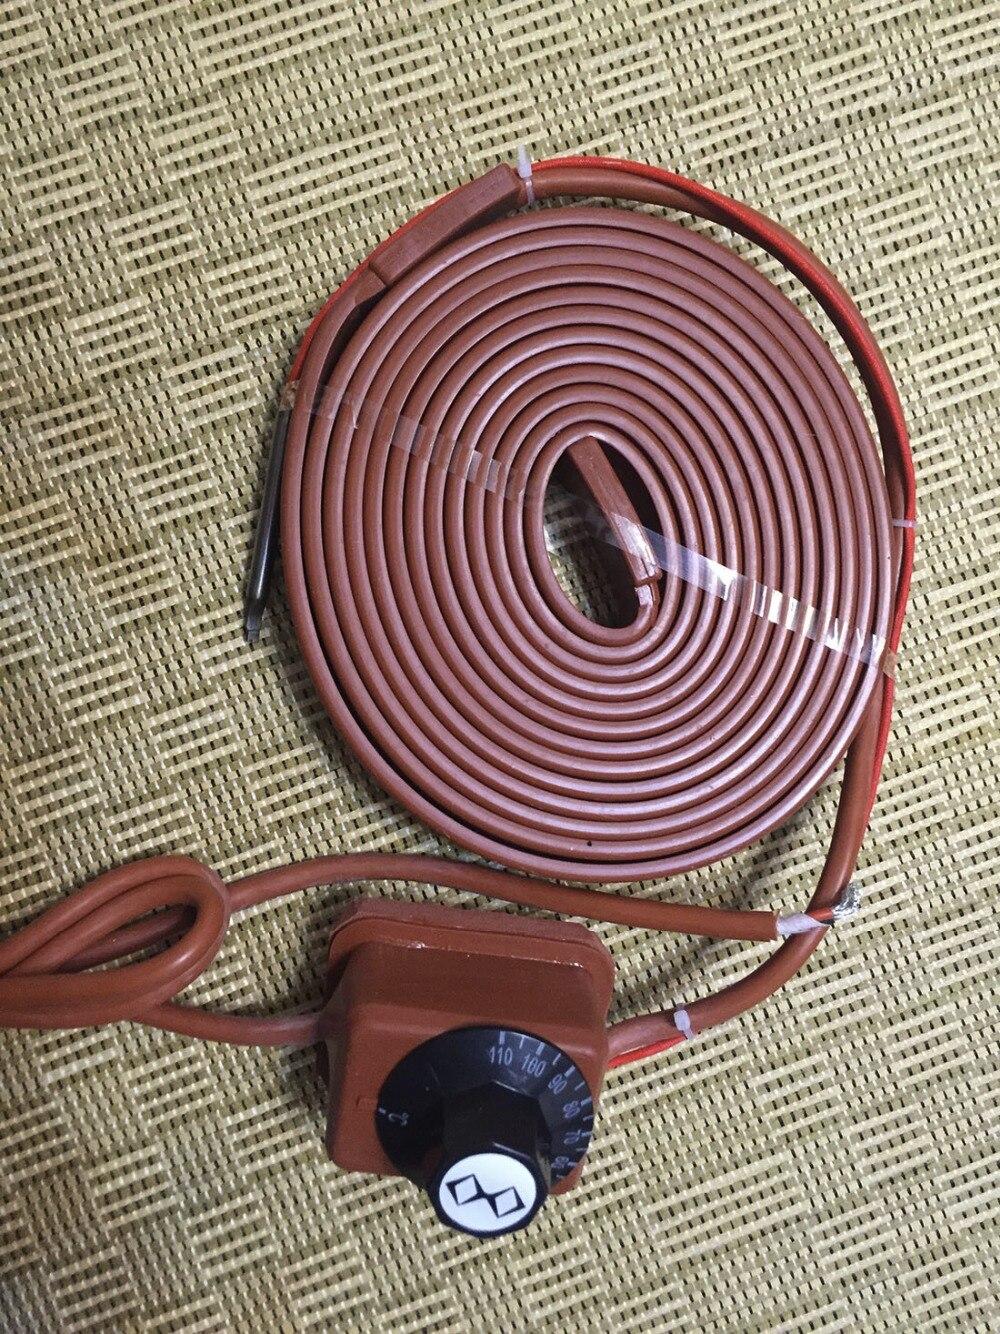 25x4572mm 320 W 120 V + Rotary temperatura controlle Silicone flessibile Riscaldamento cintura tracing Tubo di Gomma di Silicone riscaldatore impermeabile25x4572mm 320 W 120 V + Rotary temperatura controlle Silicone flessibile Riscaldamento cintura tracing Tubo di Gomma di Silicone riscaldatore impermeabile